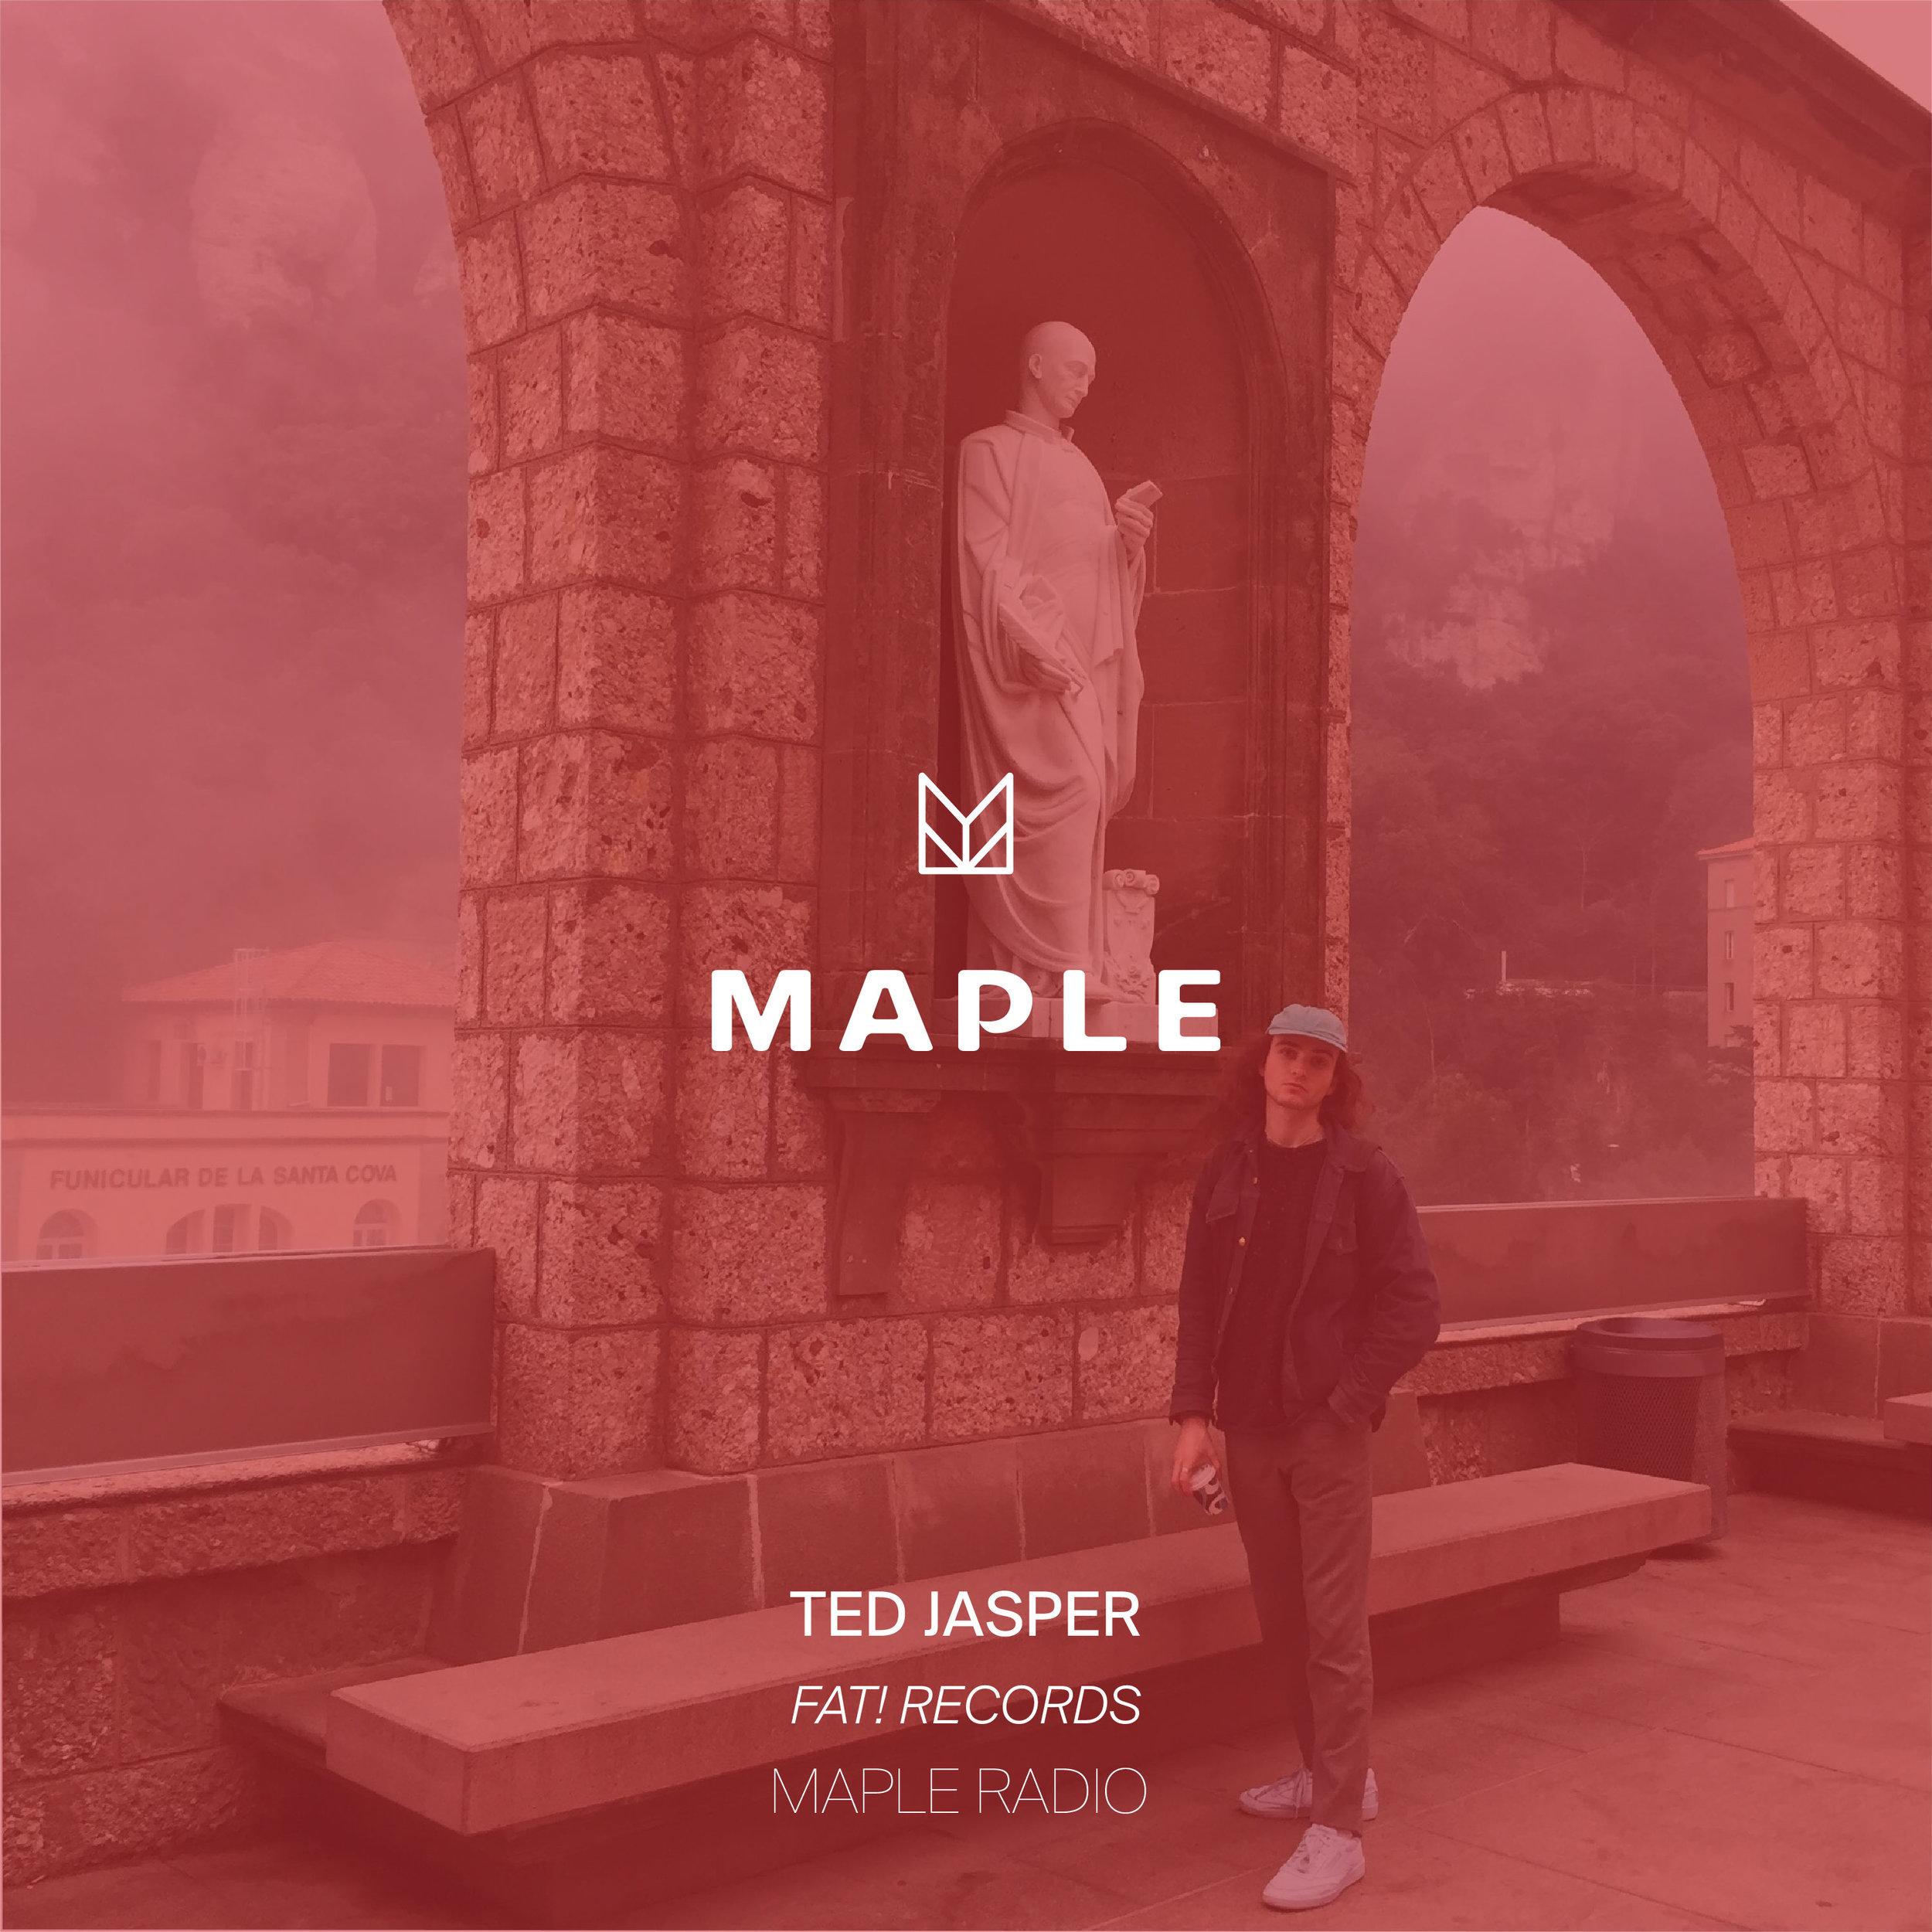 MAPLE-radio-Ted Jasper-01.jpg